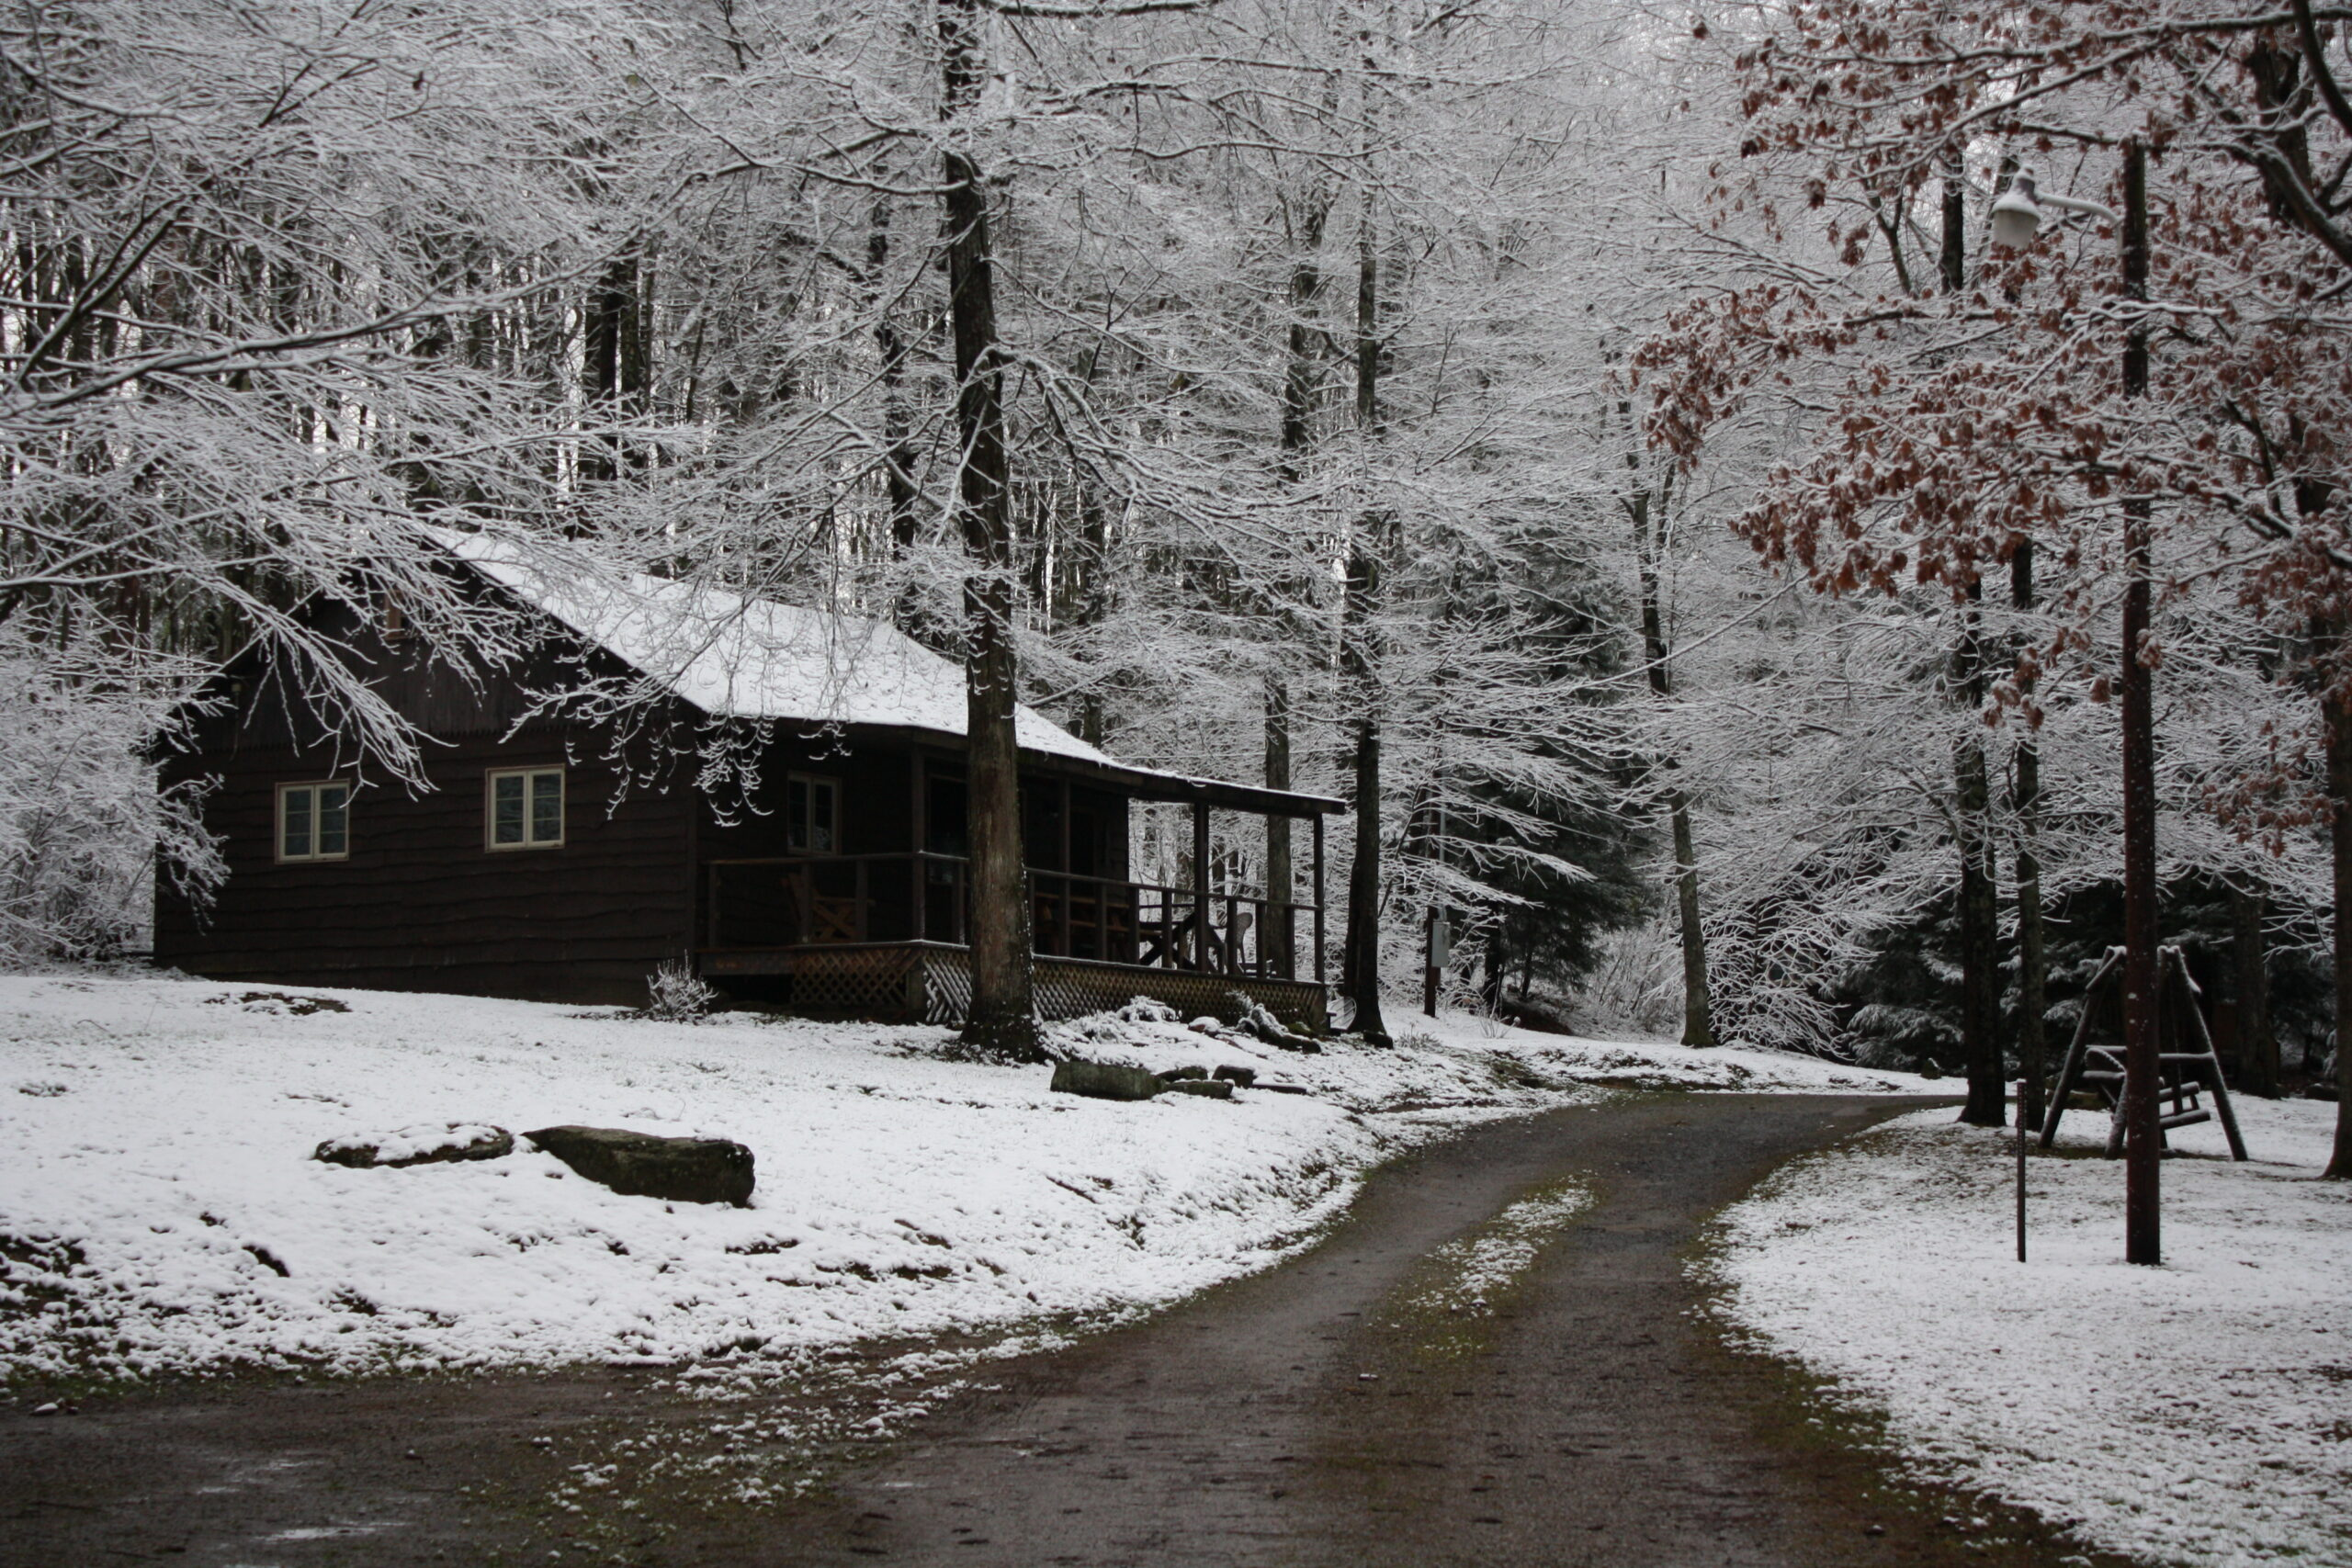 Whispering Oaks Cabin 5 Winter